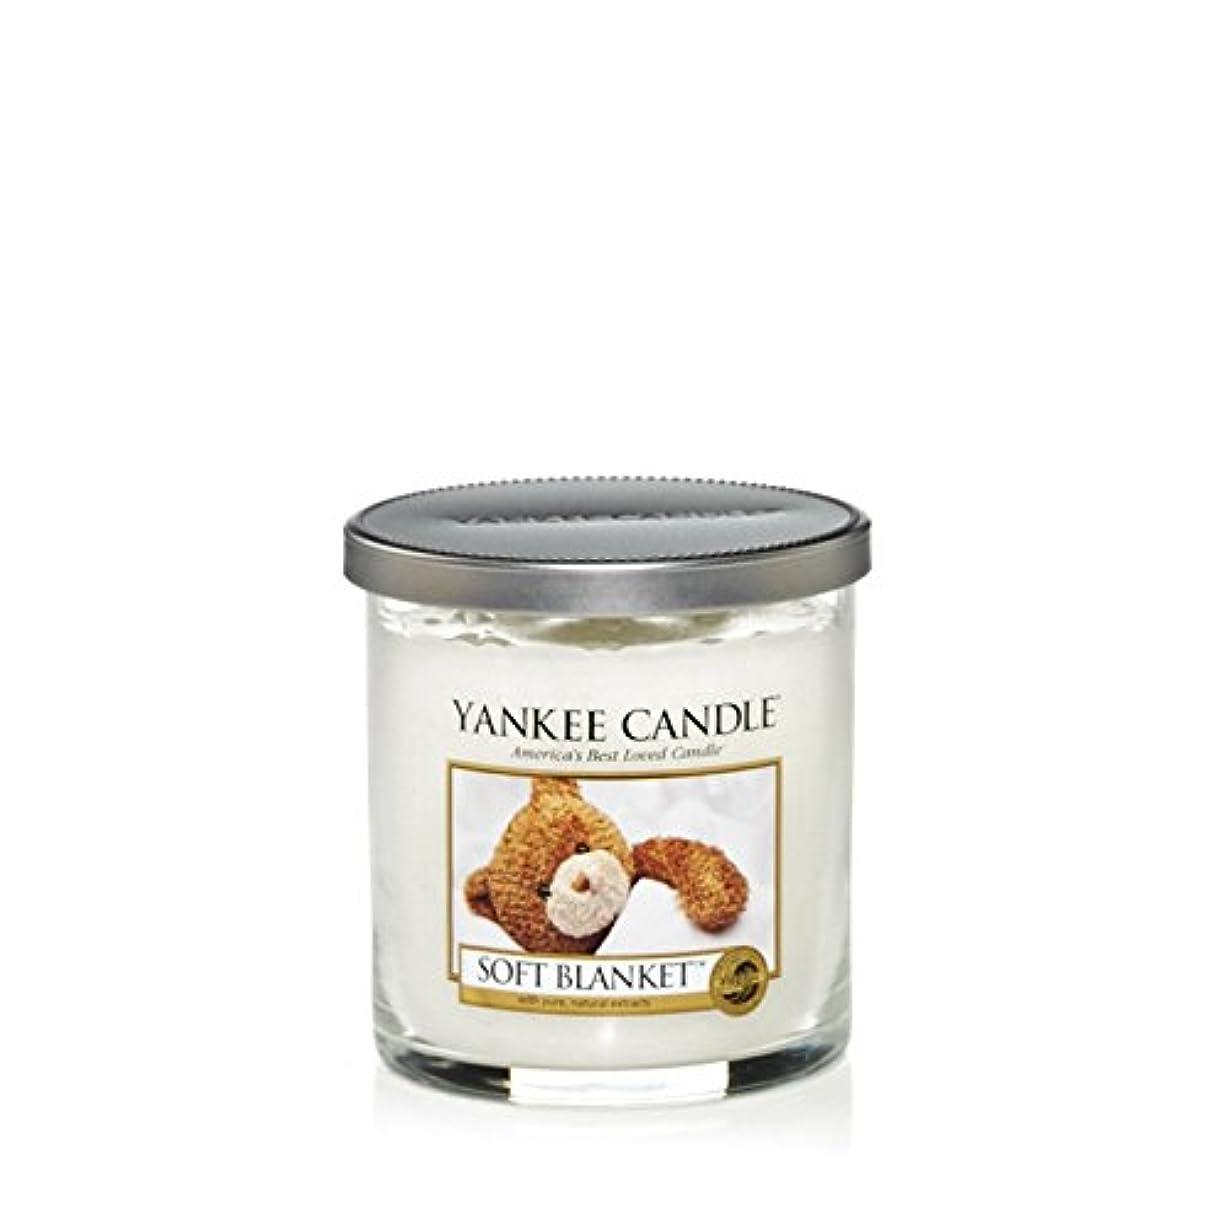 別れる資本突撃Yankee Candles Small Pillar Candle - Soft Blanket (Pack of 2) - ヤンキーキャンドルの小さな柱キャンドル - ソフト毛布 (x2) [並行輸入品]